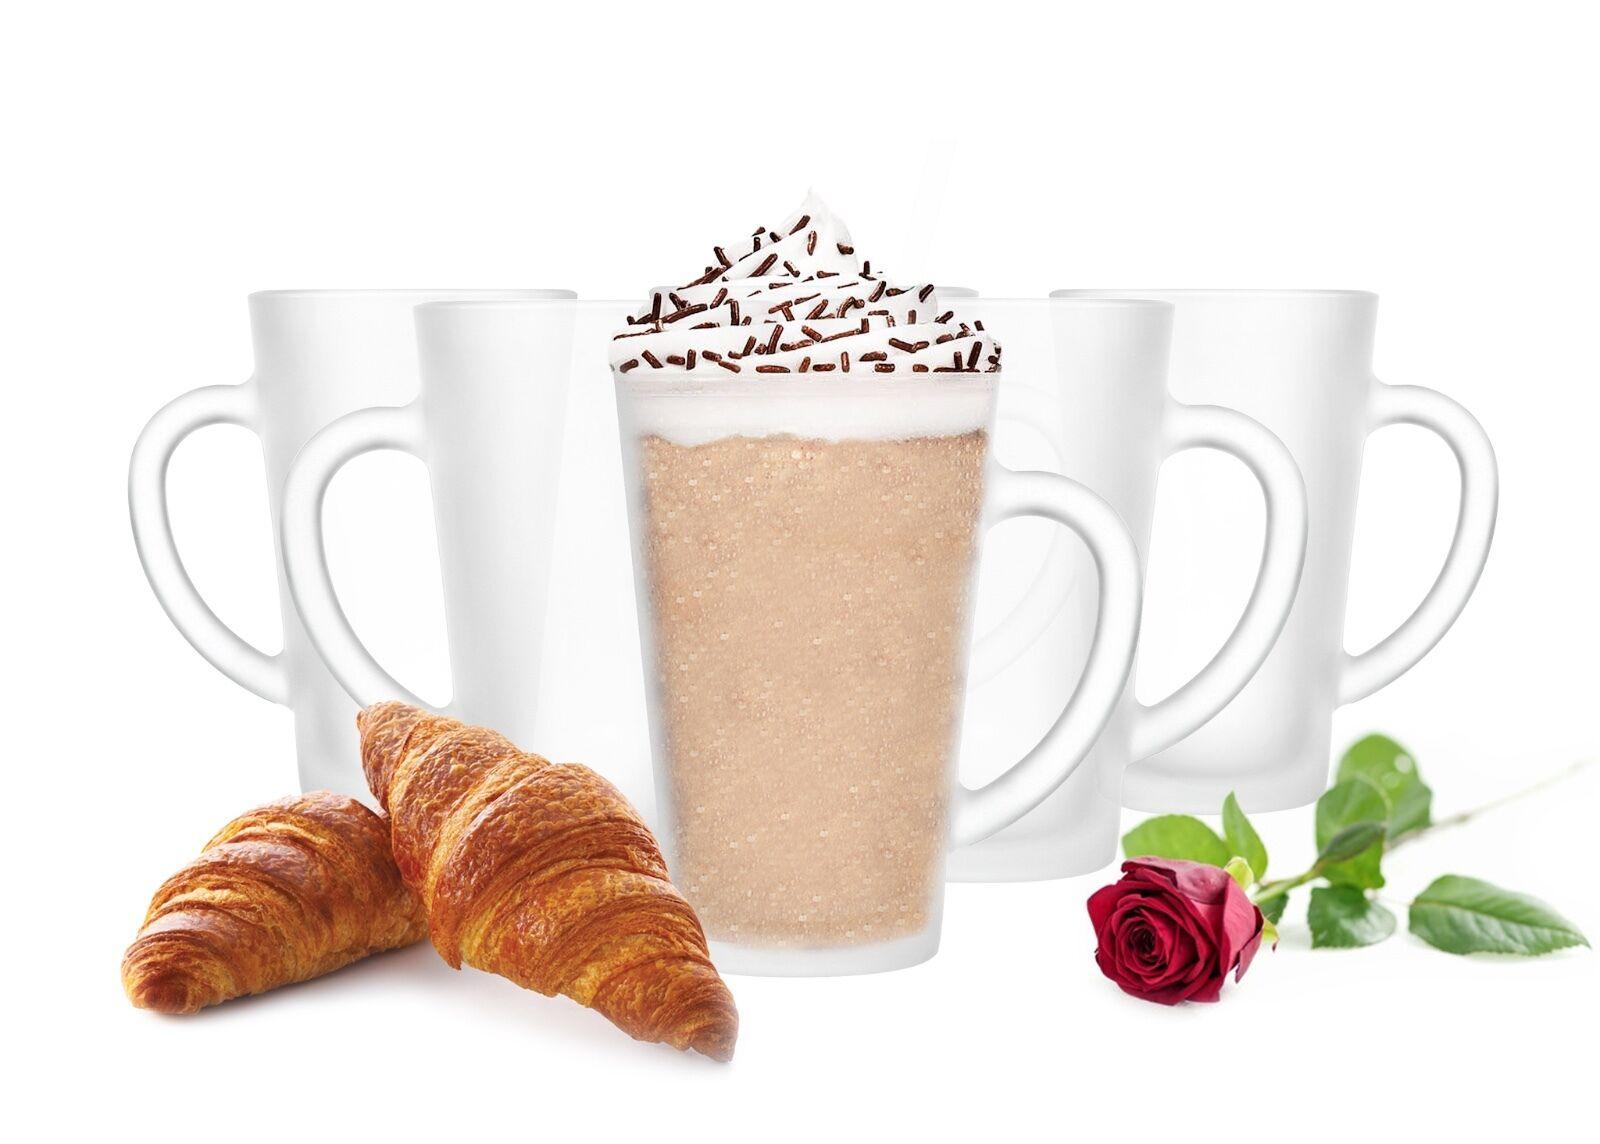 6 latte macchiato Occhiali 300 ml con maniglia 6 Cucchiaio (GRATIS) vetro